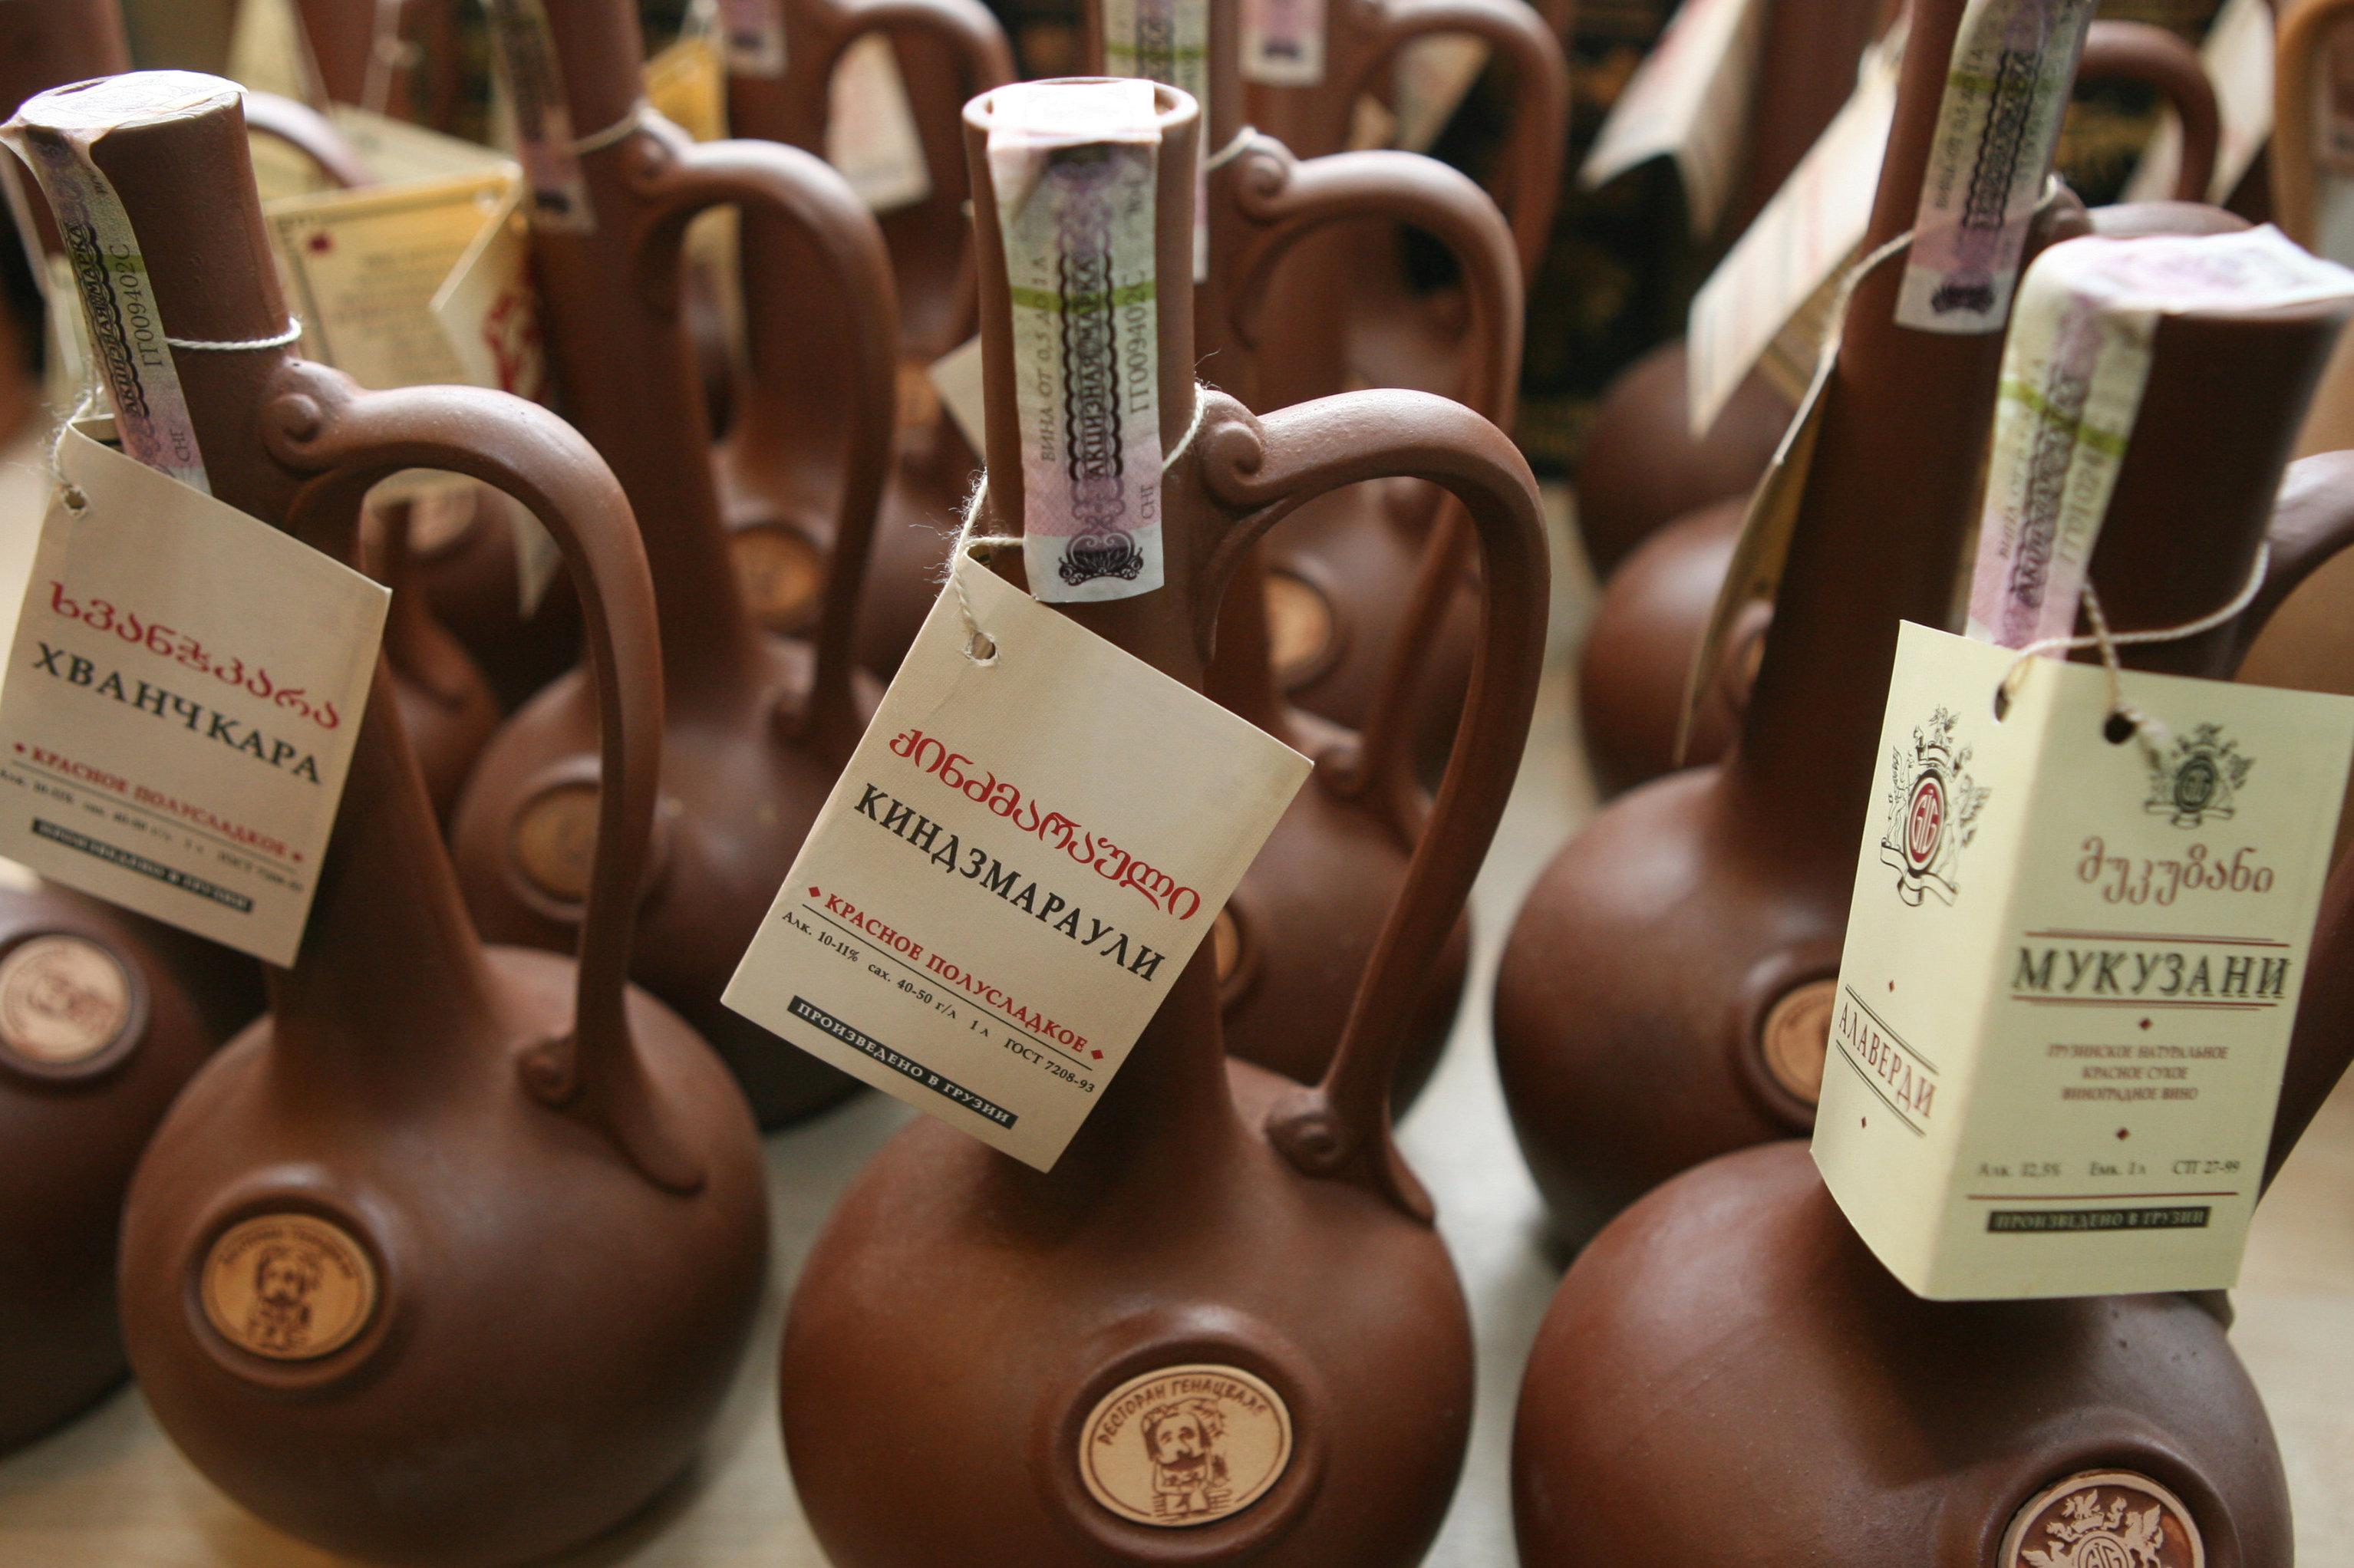 ქართული ღვინო რუსულ დახლებზე